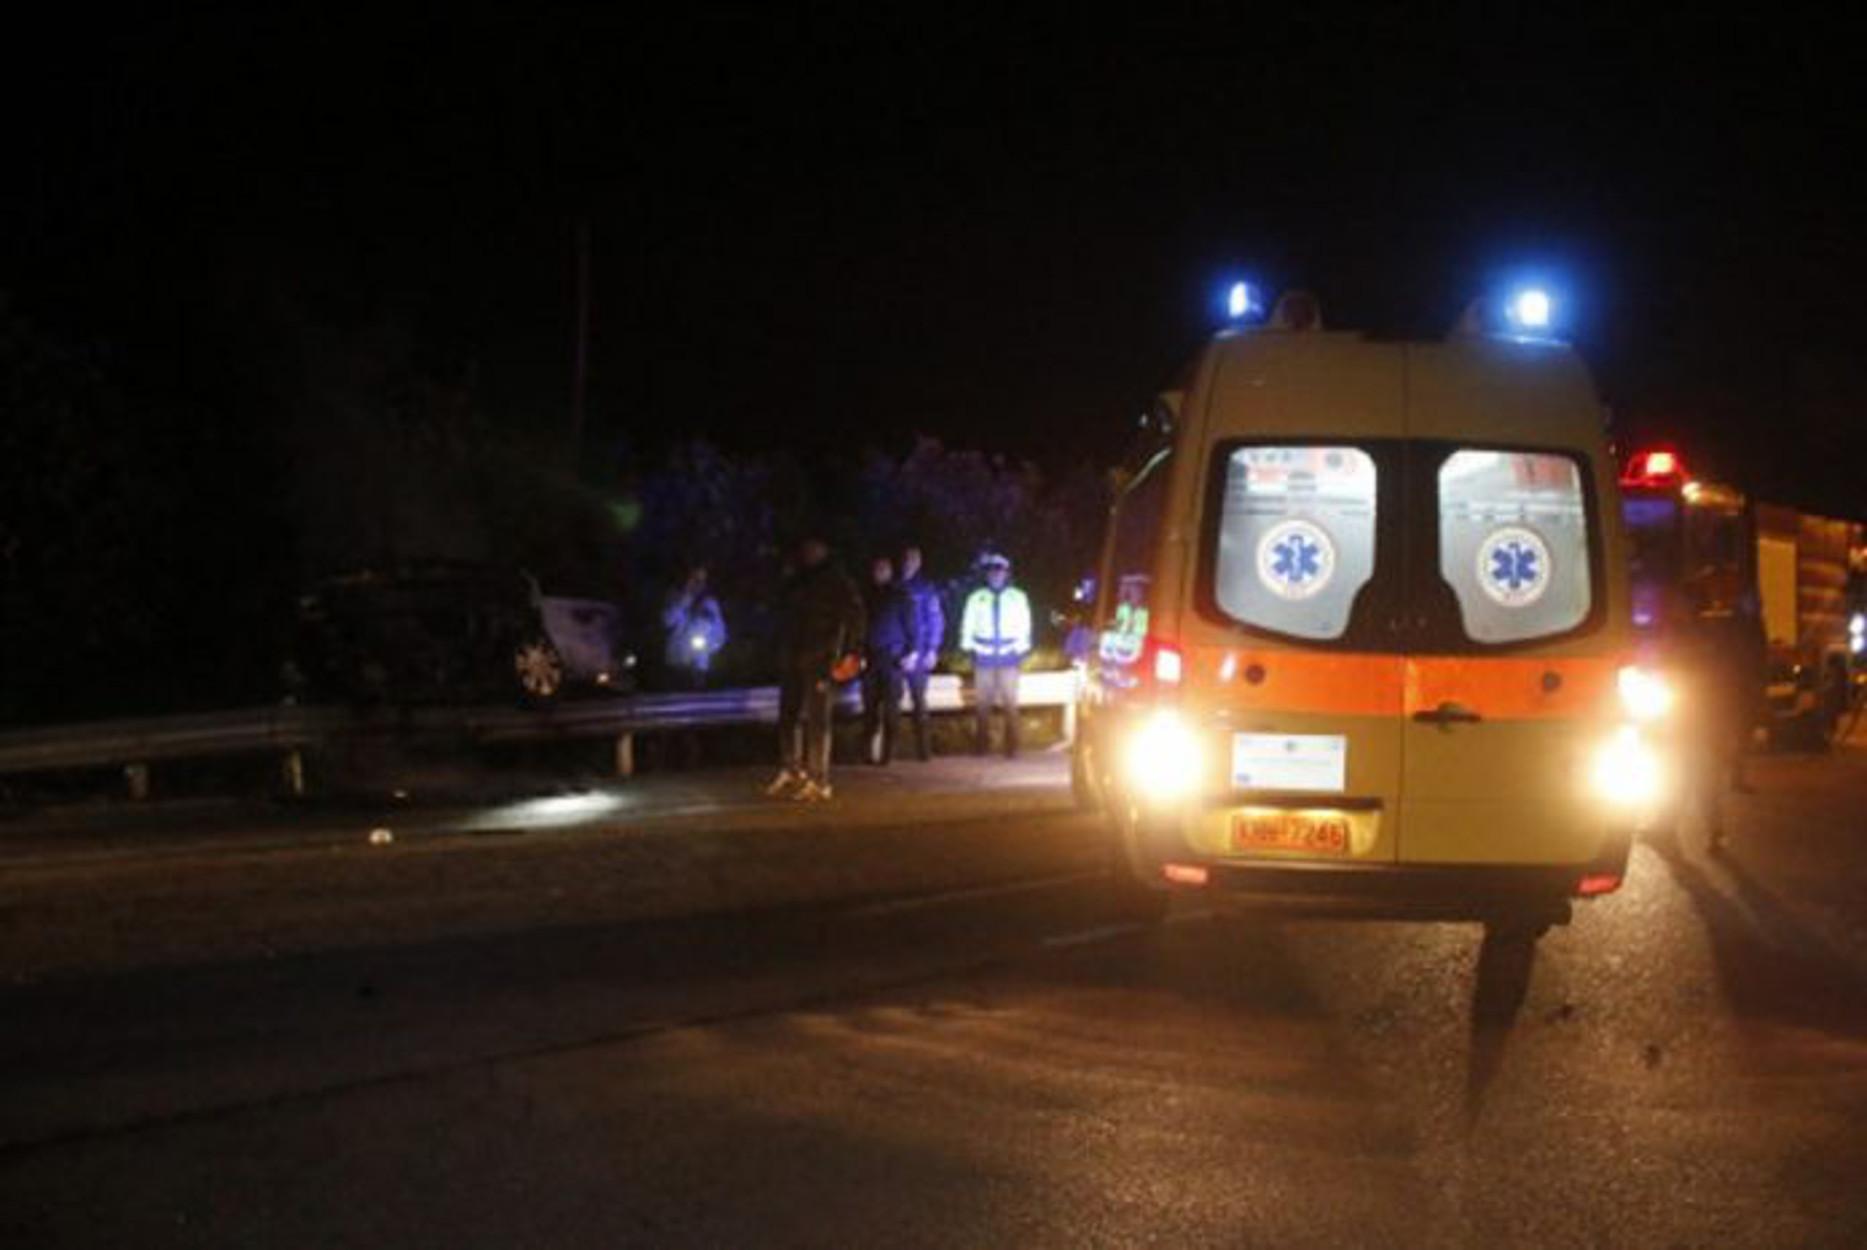 Τρίκαλα: Τροχαίο στην Φήκη! Άρπαξε φωτιά αυτοκίνητο